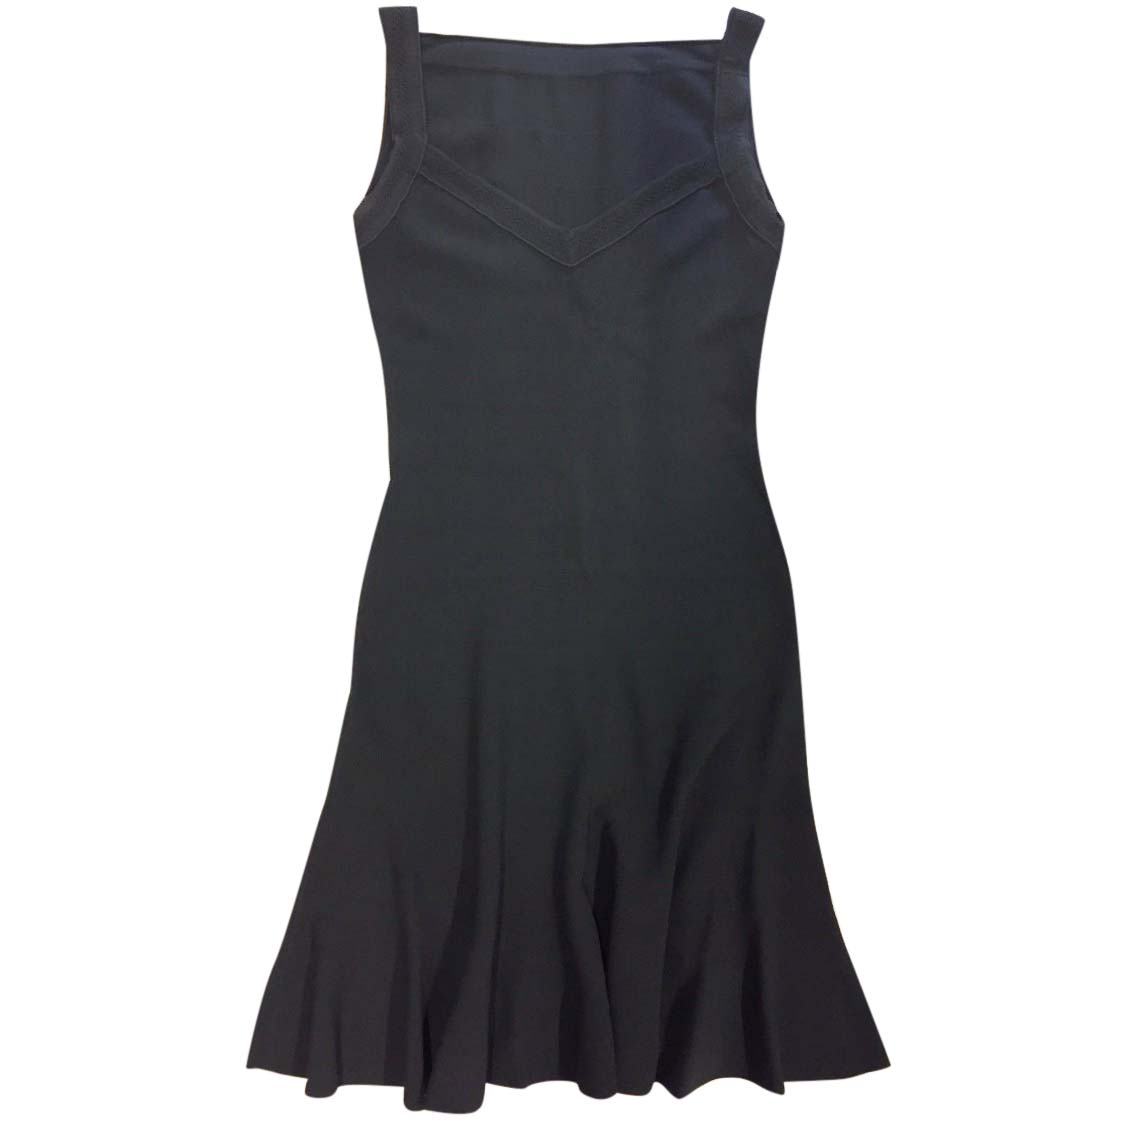 7cbe8af2 Azzedine Alaia Black Stretch Knit Dress S   HEWI London